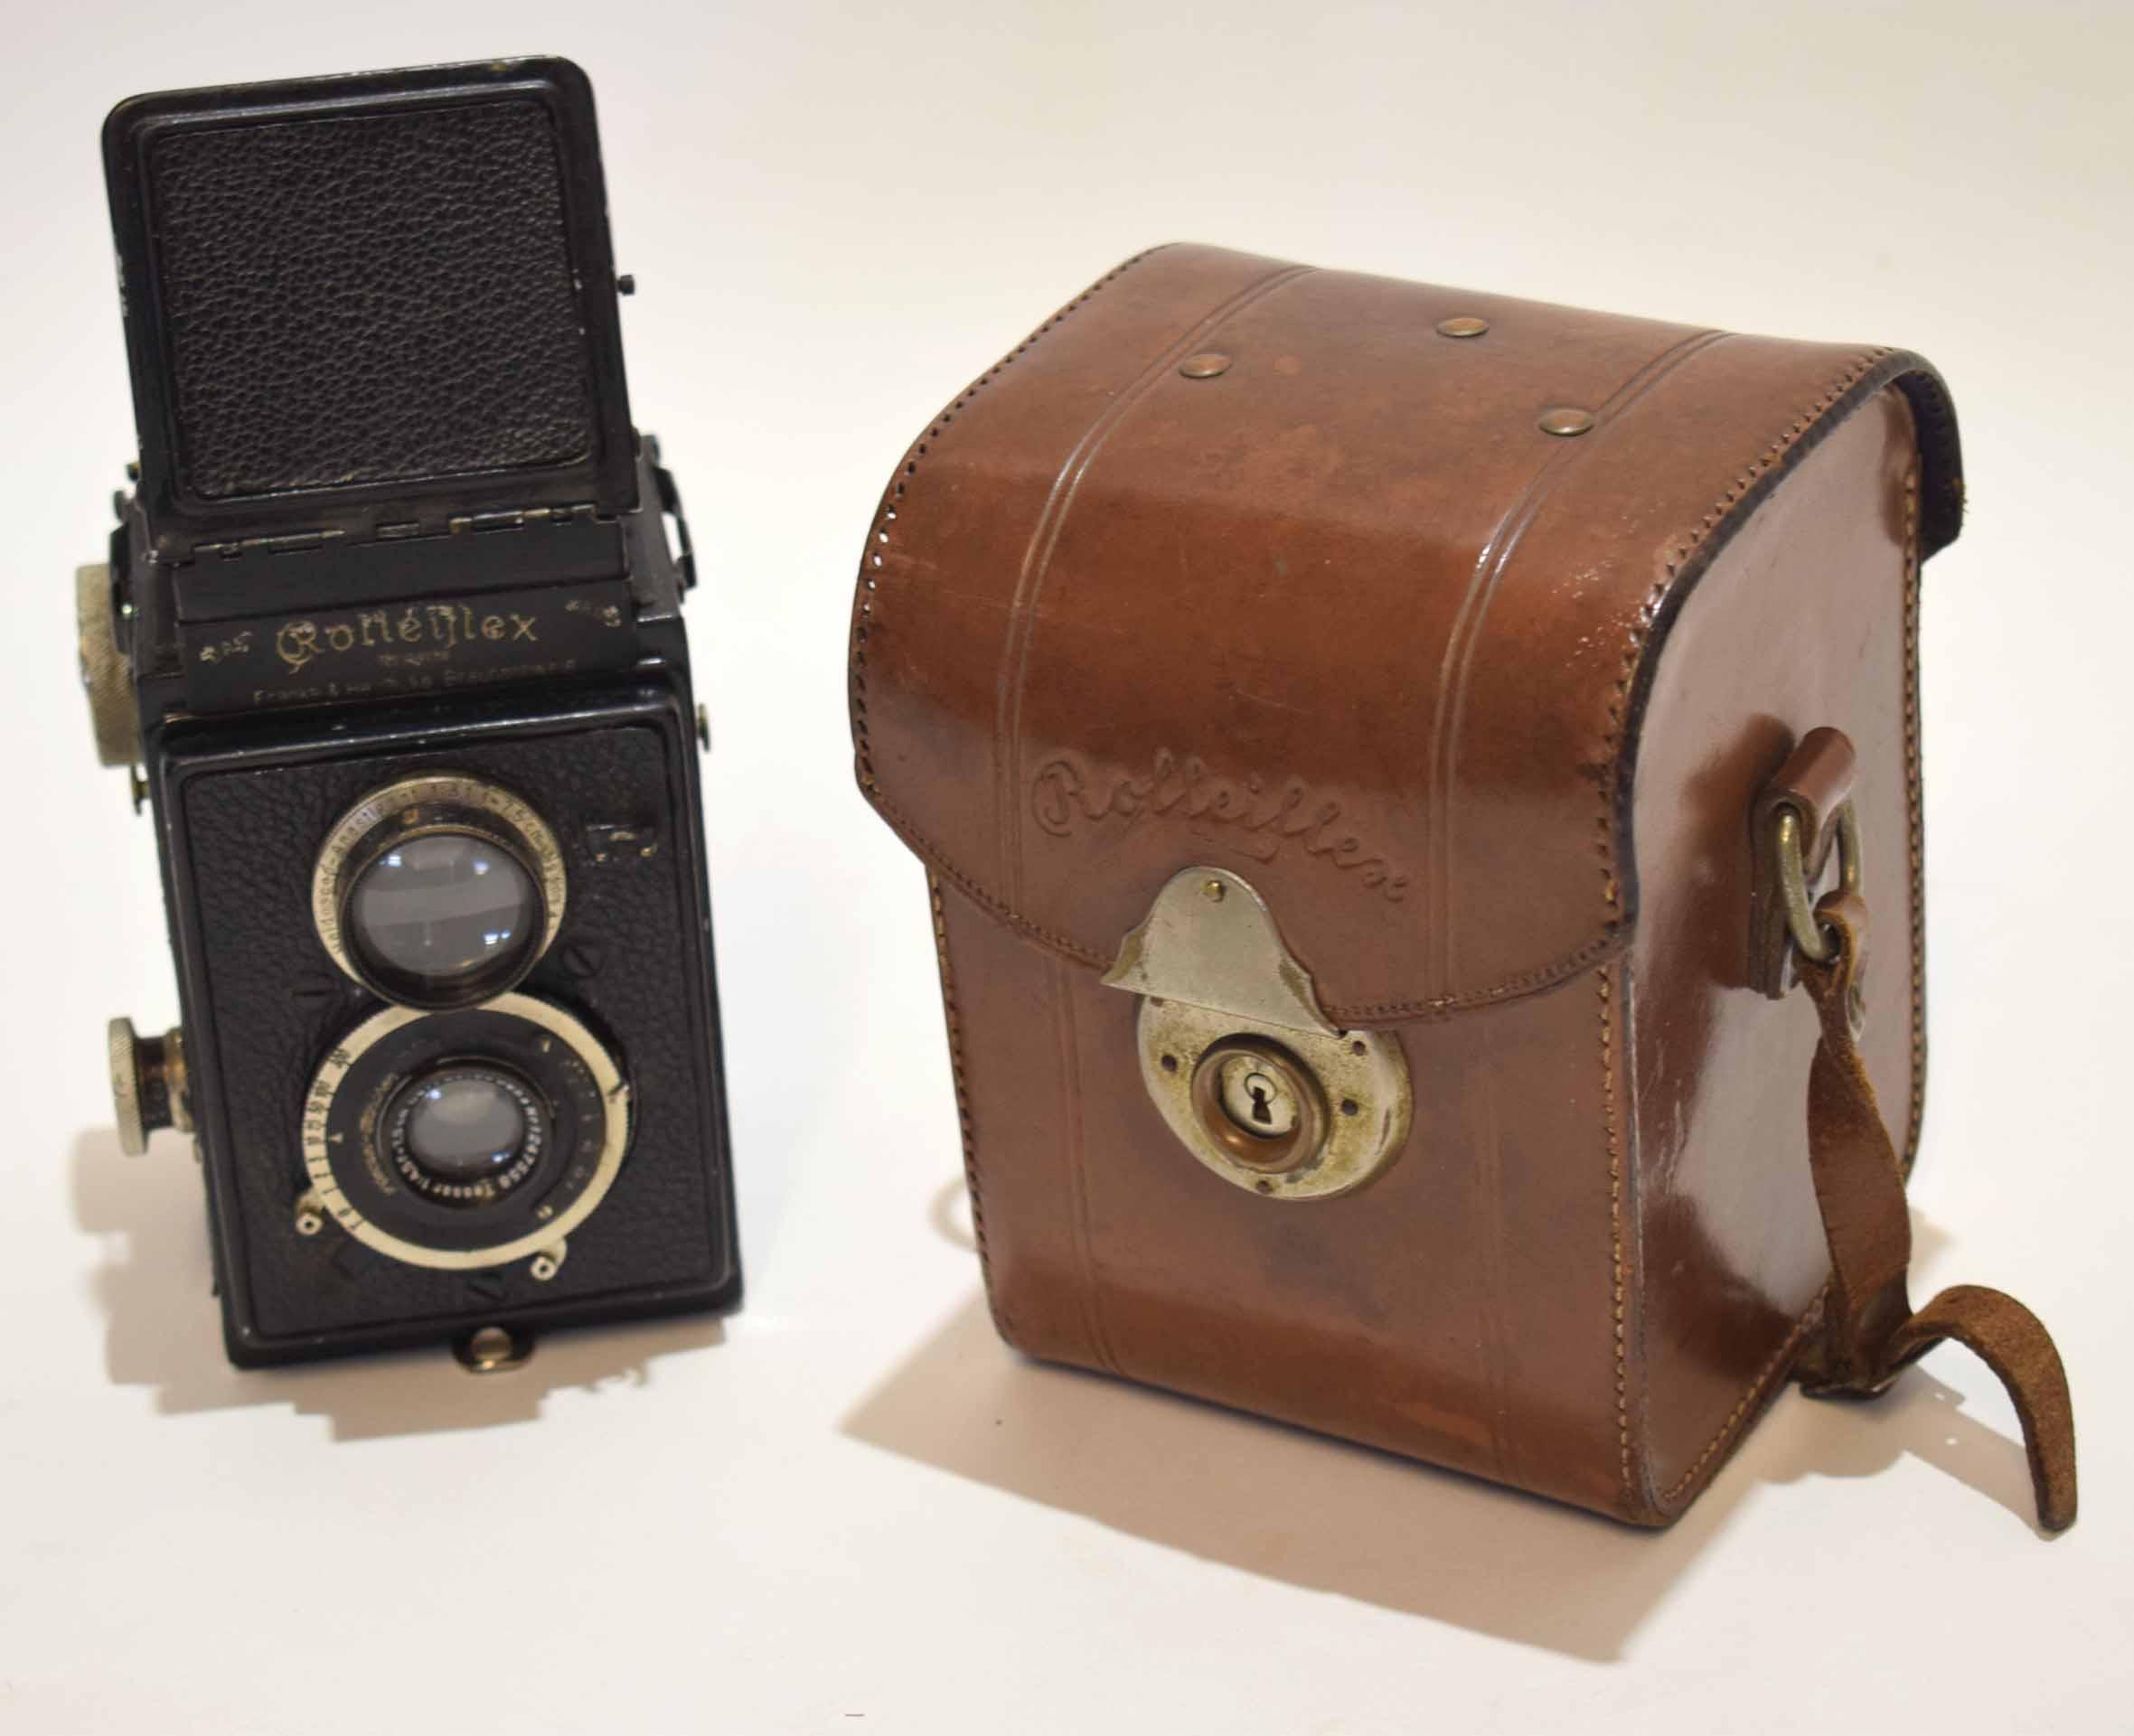 Lot 340 - Mid-20th century Rolleiflex camera, No 104178, Franke & Heidecke, Braunschweig, height 13cm in its